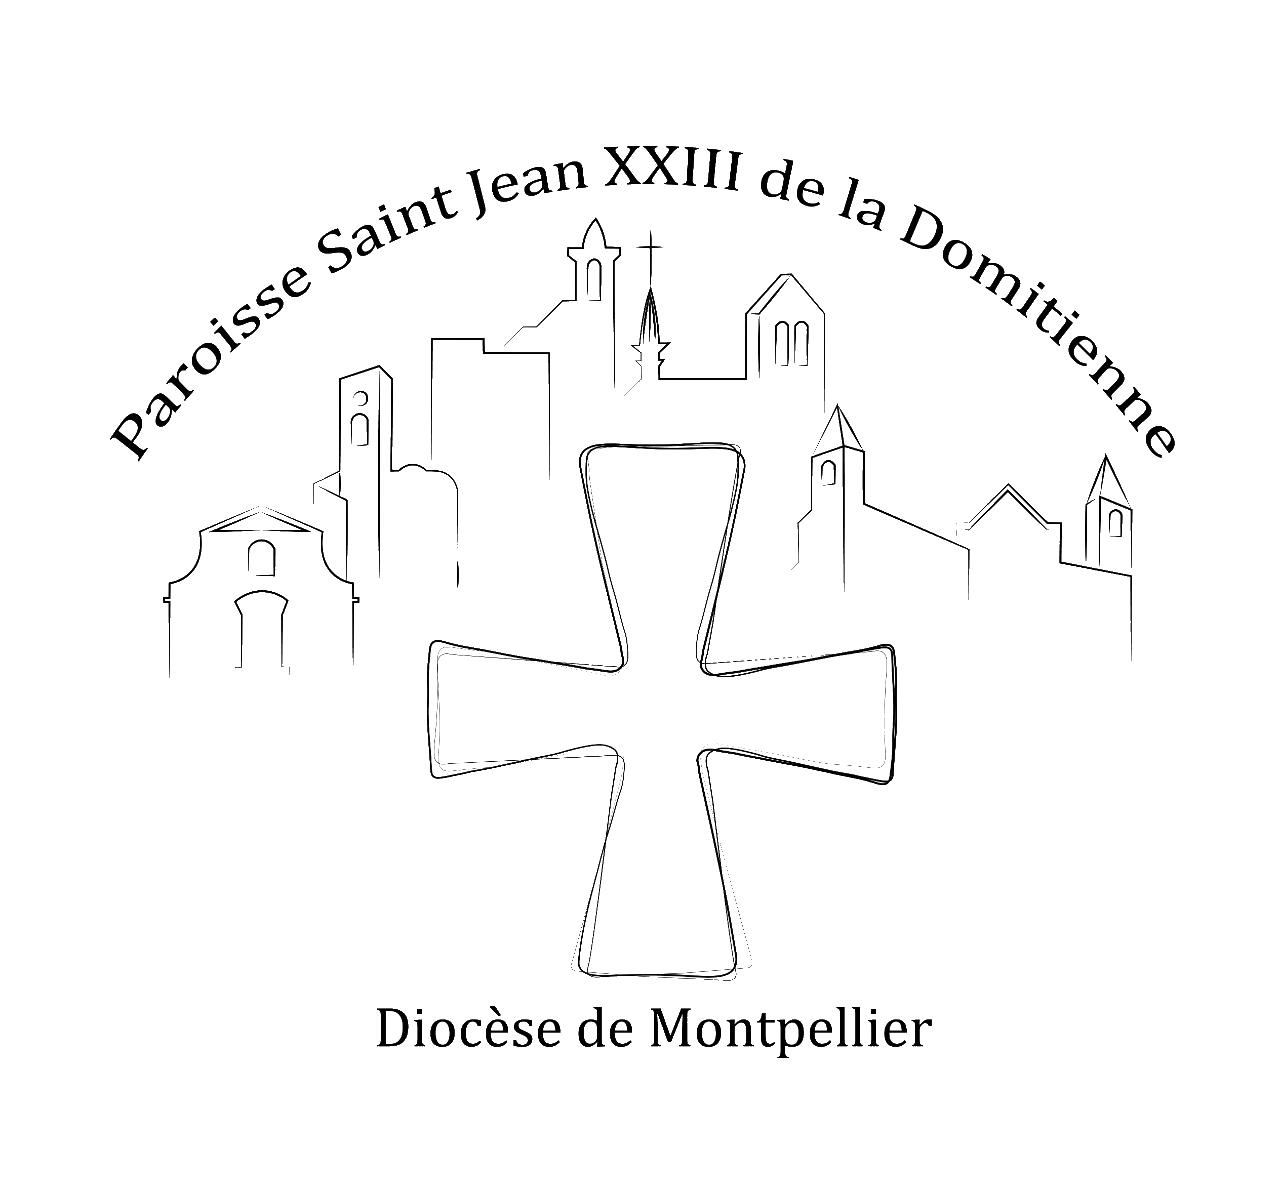 Paroisse St Jean XXIII